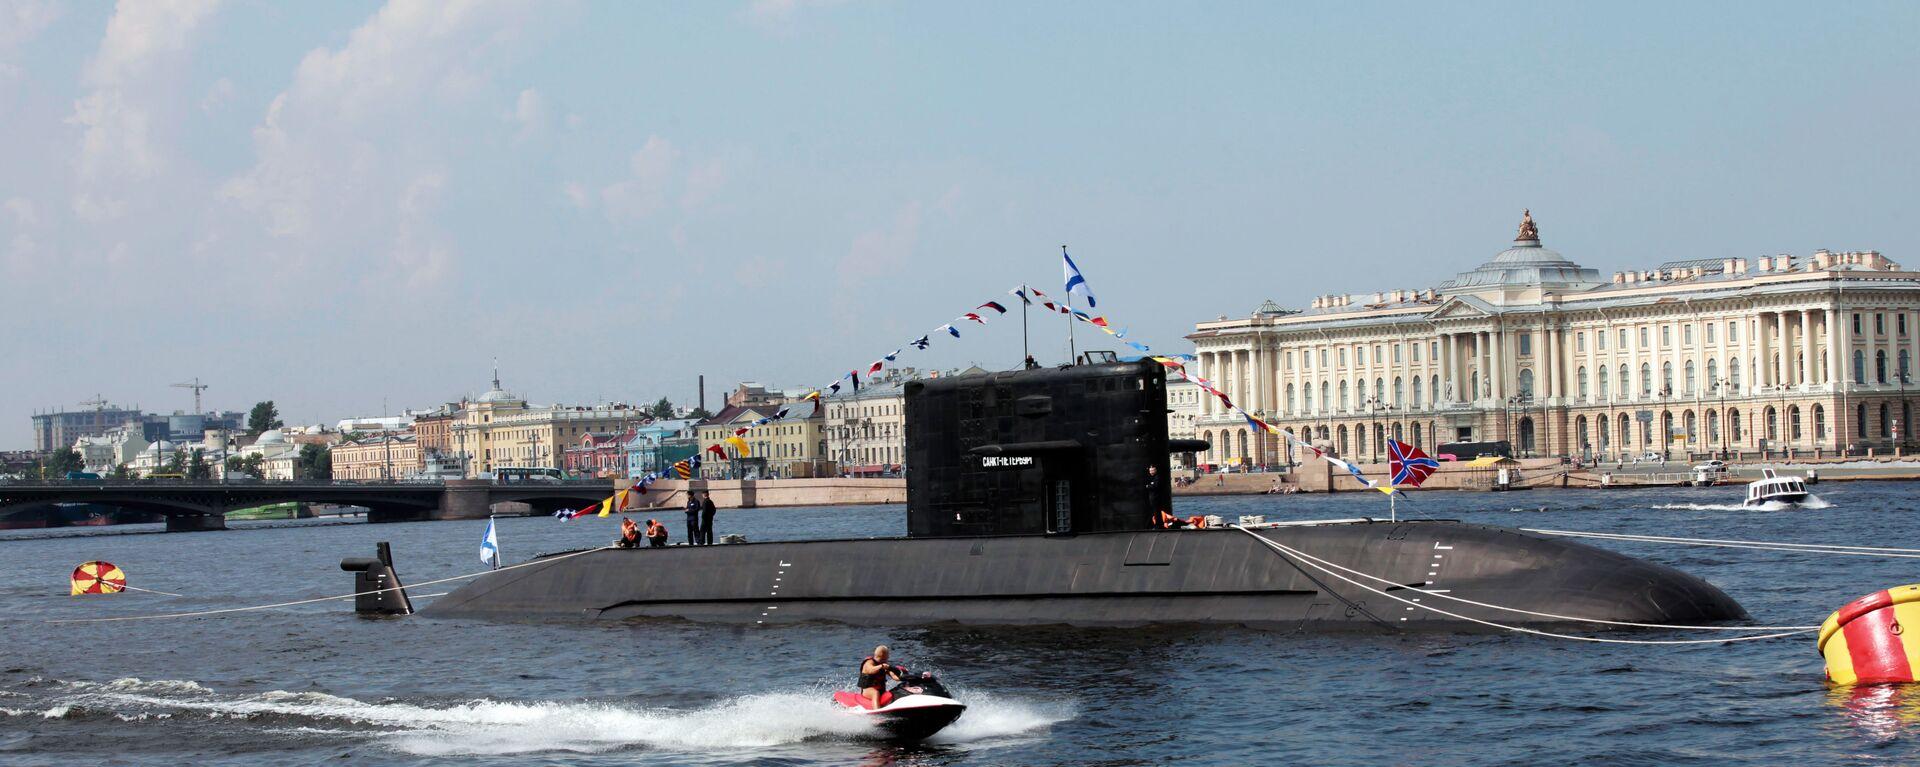 Dieselová ponorka projektu 677 typu Lada - Sputnik Česká republika, 1920, 13.05.2021